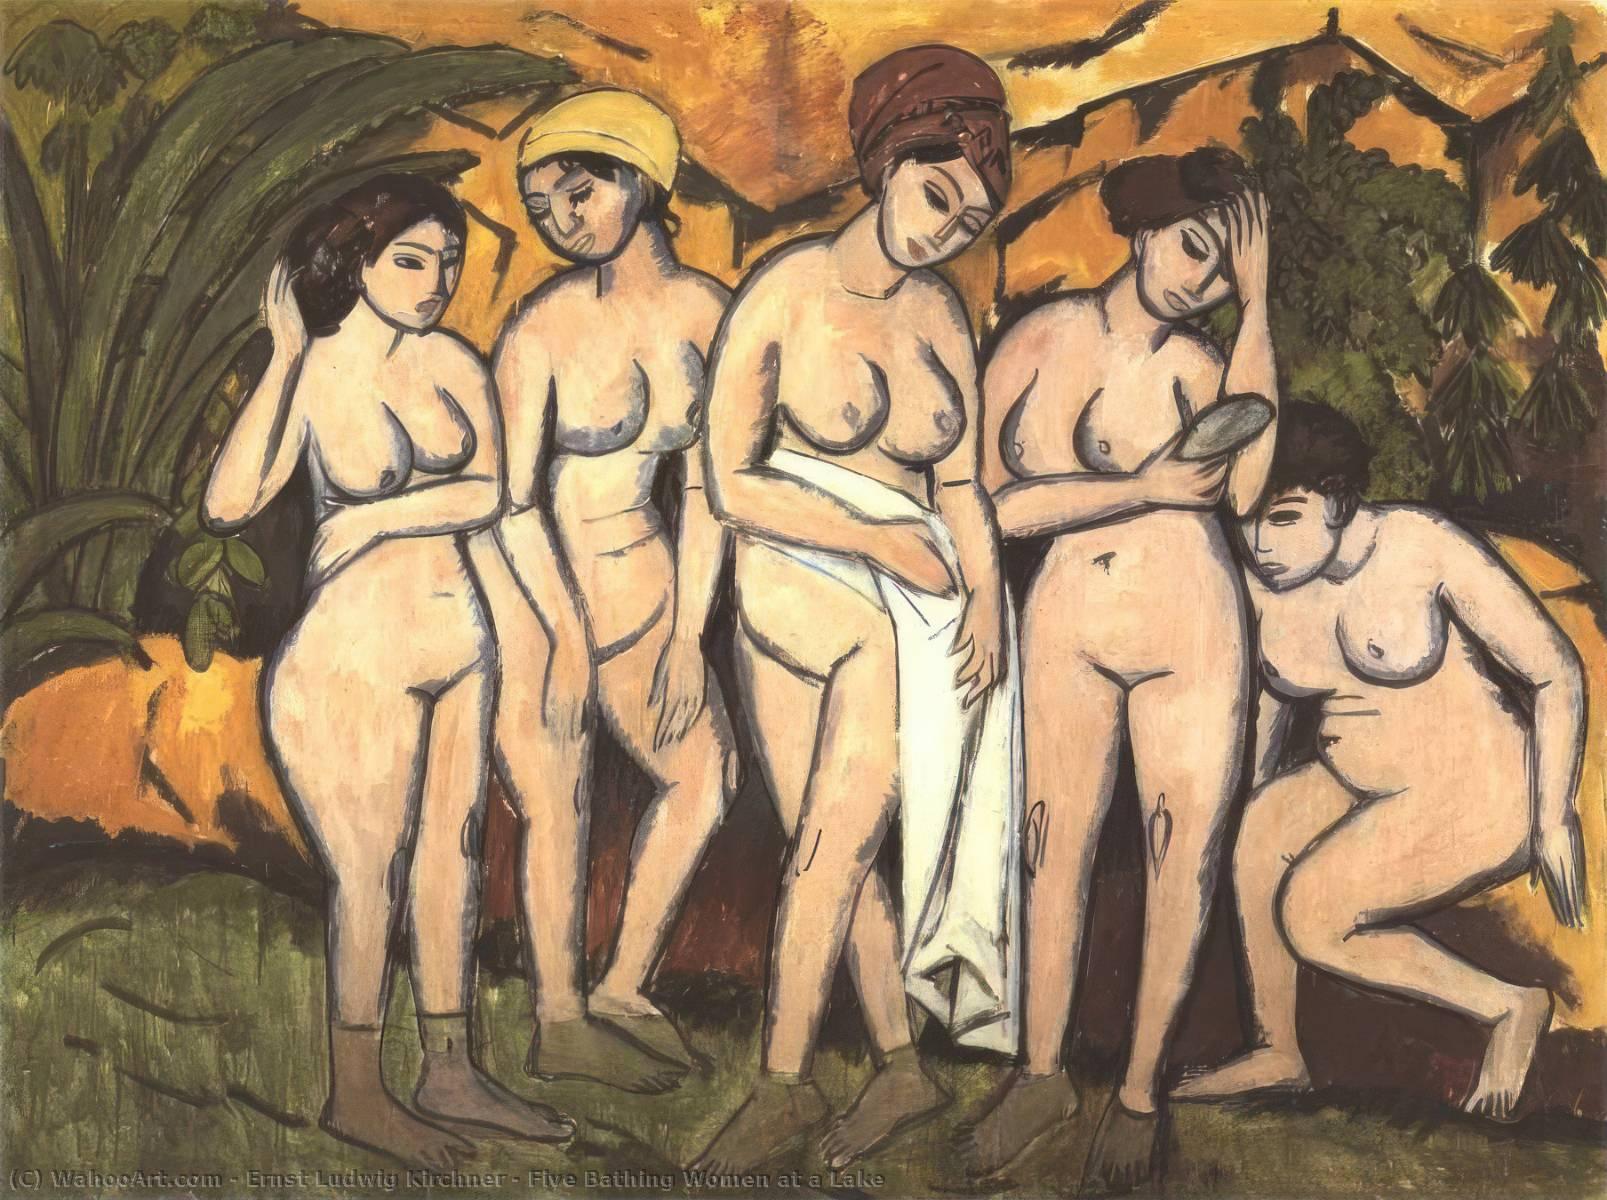 Five Bathing Women at a Lake - Ernst Ludwig Kirchner